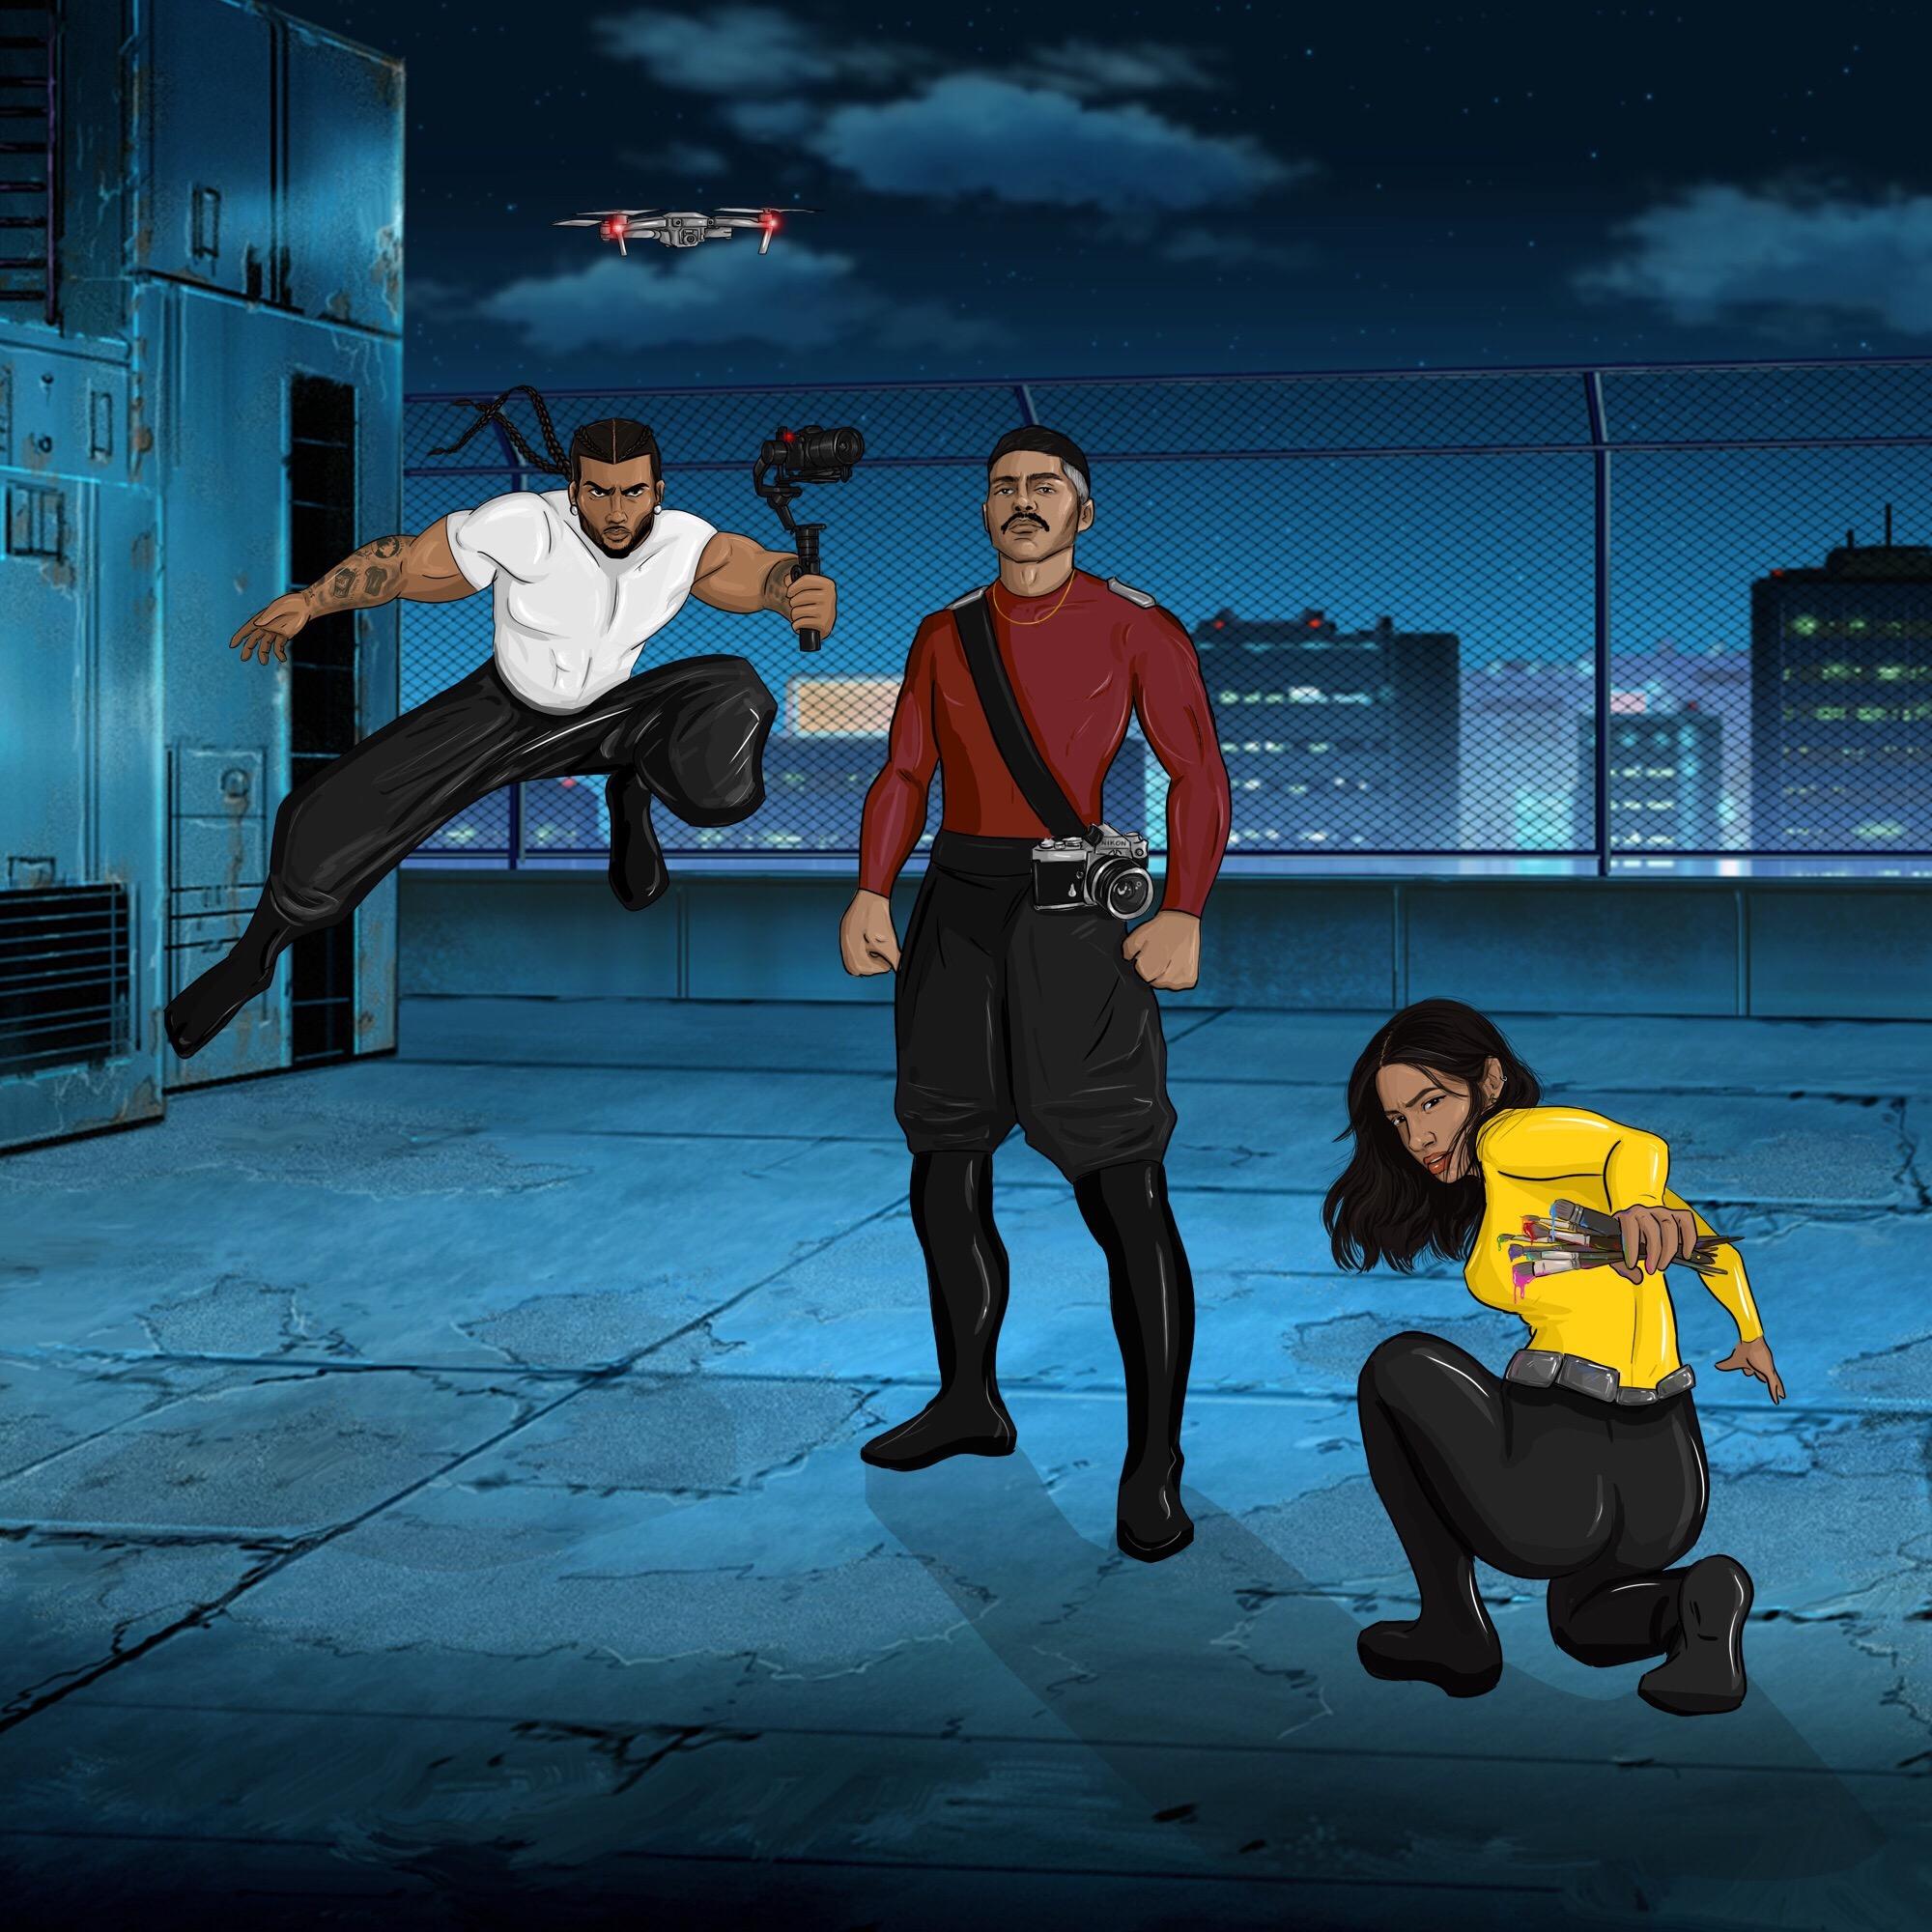 Avengers Endgame by Wah Wah Lab.jpg